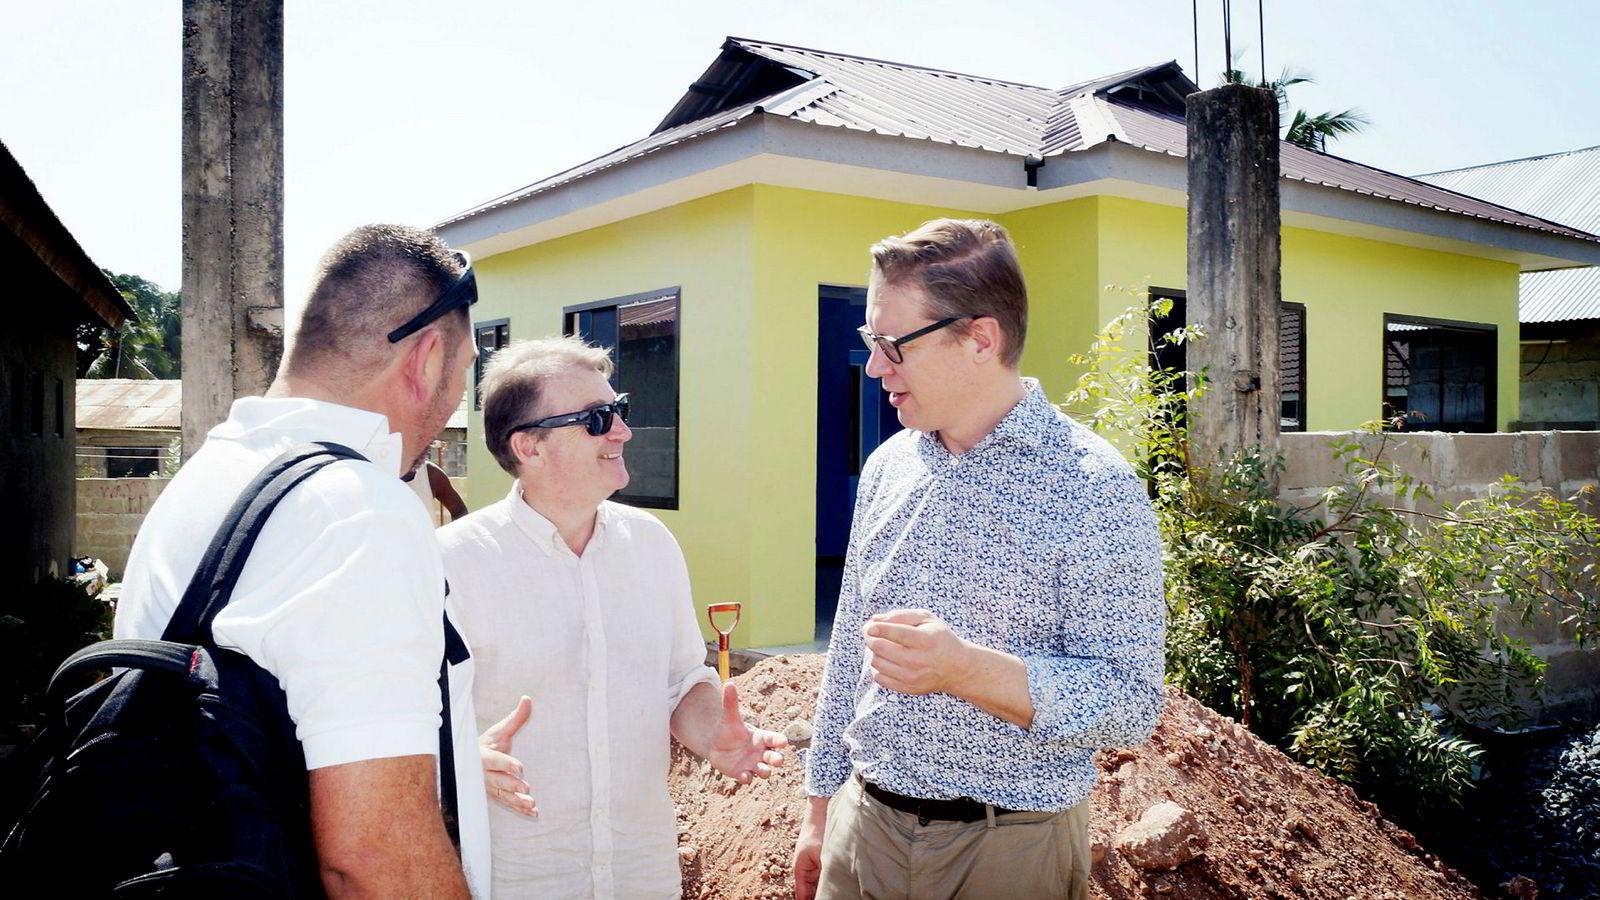 Daglig leder Pontus Engstrøm (til høyre) og økonomiprofessor Trond Randøy (i midten) i MTI Investment sikter mot børs med afrikanske aksjer i porteføljen. Her foran et hus i Tanzania oppført av Ecohomes.